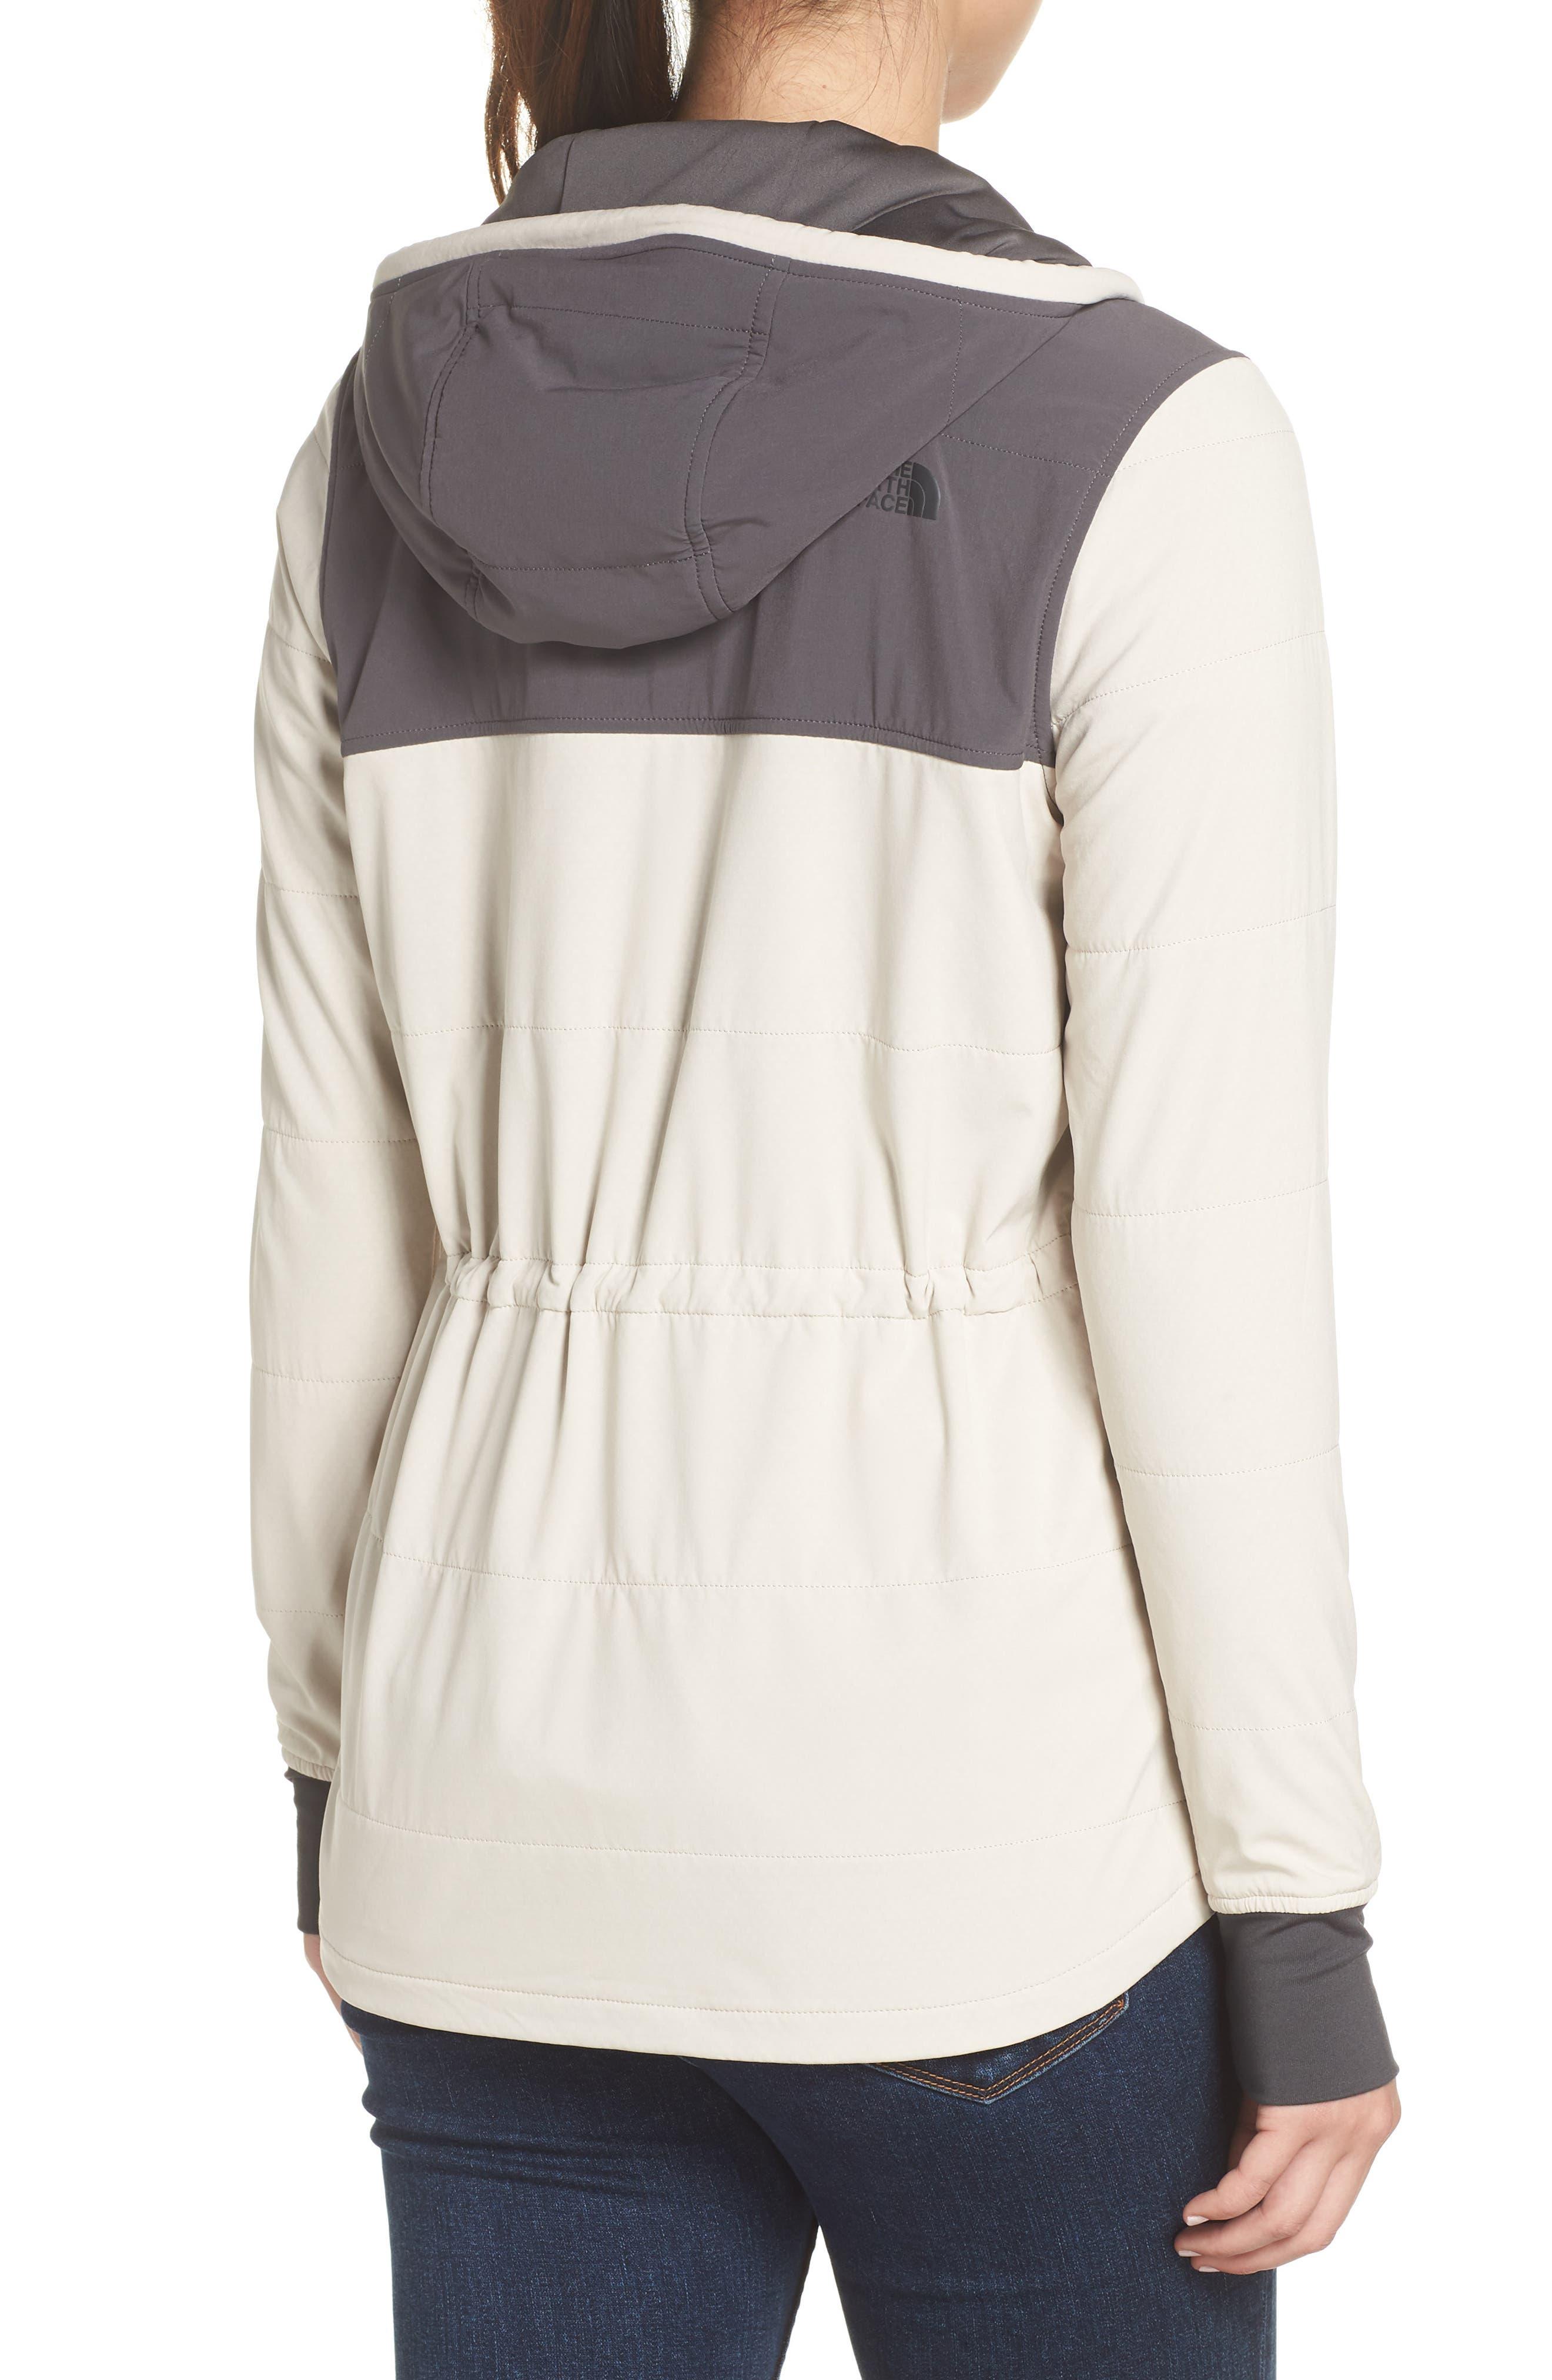 Mountain Zip Hooded Sweatshirt,                             Alternate thumbnail 2, color,                             PEYOTE BEIGE/ GRAPHITE GREY